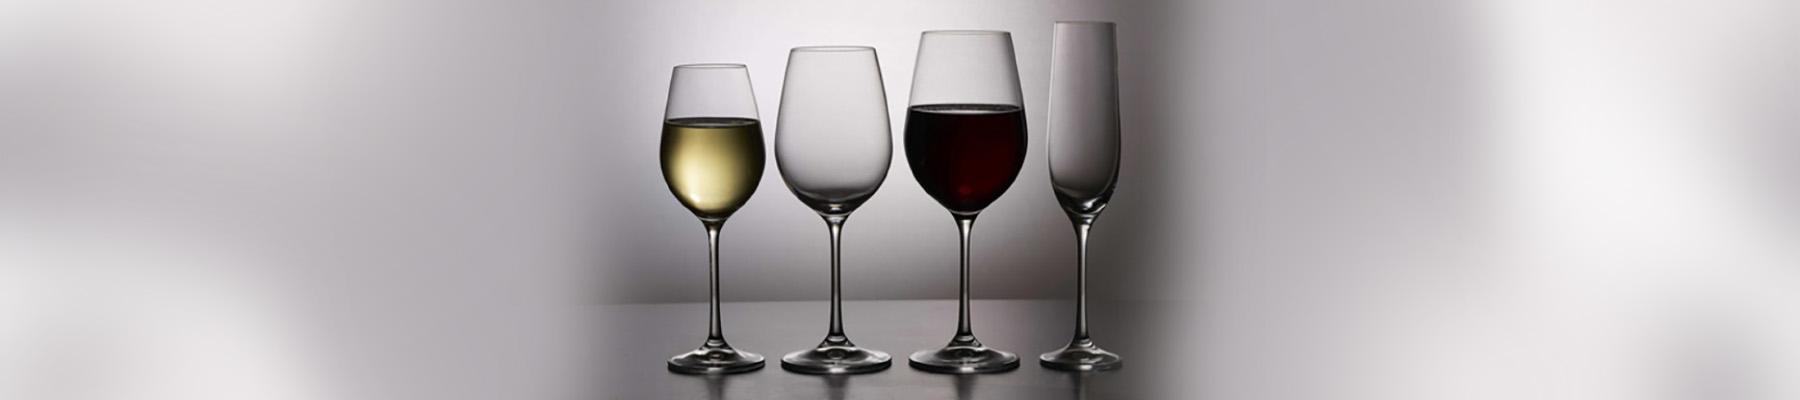 Premium_Glassware_-_Gusto Wines + Champagne